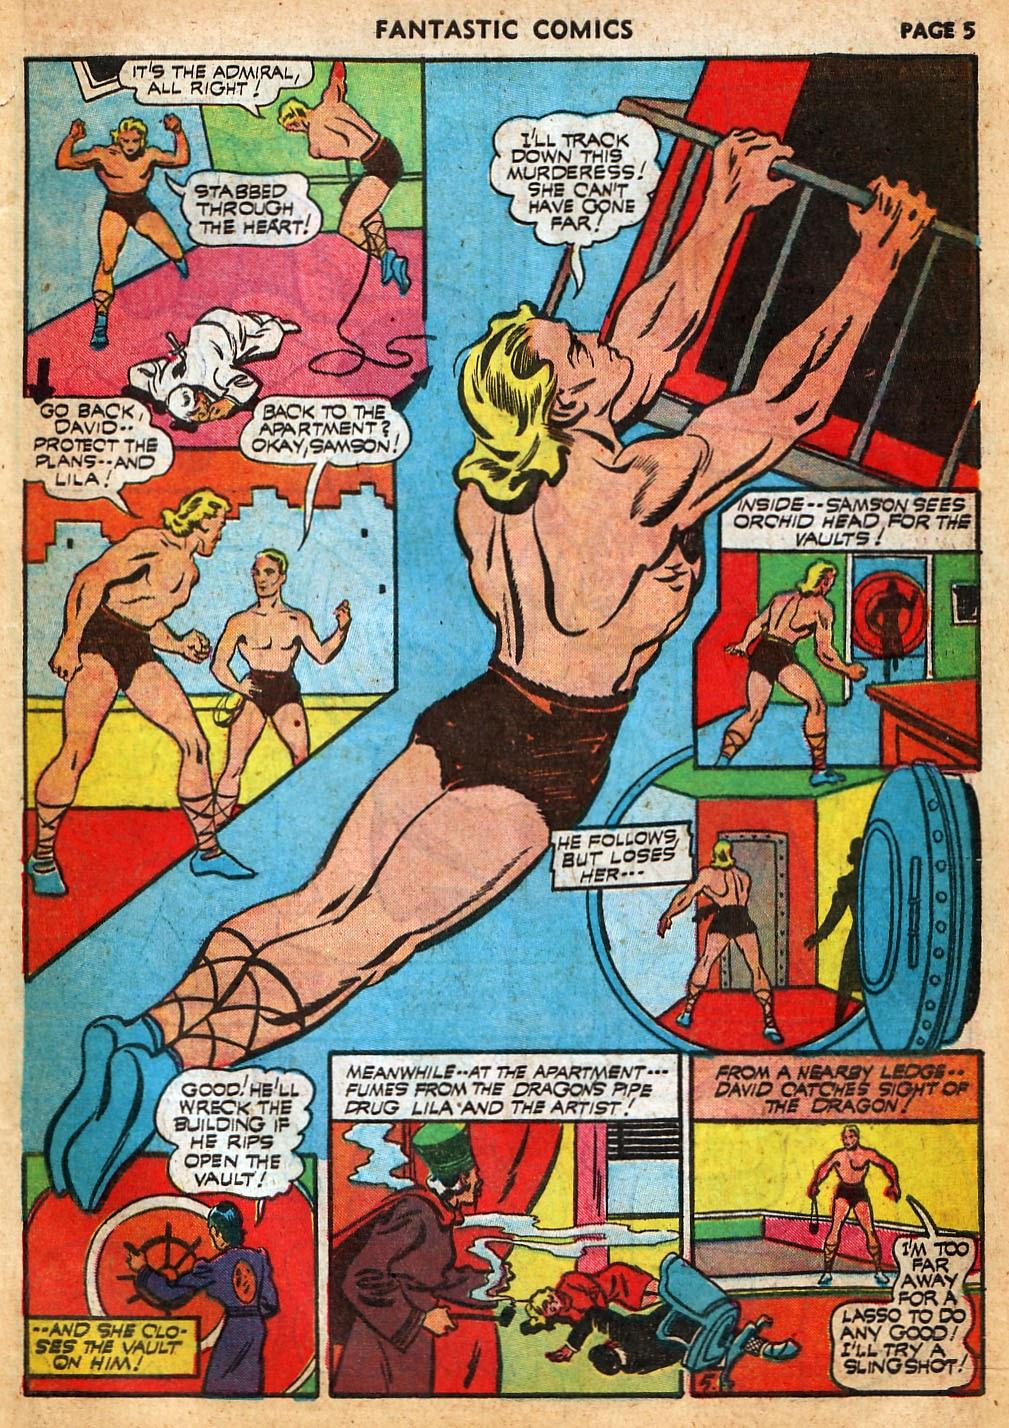 Read online Fantastic Comics comic -  Issue #22 - 7